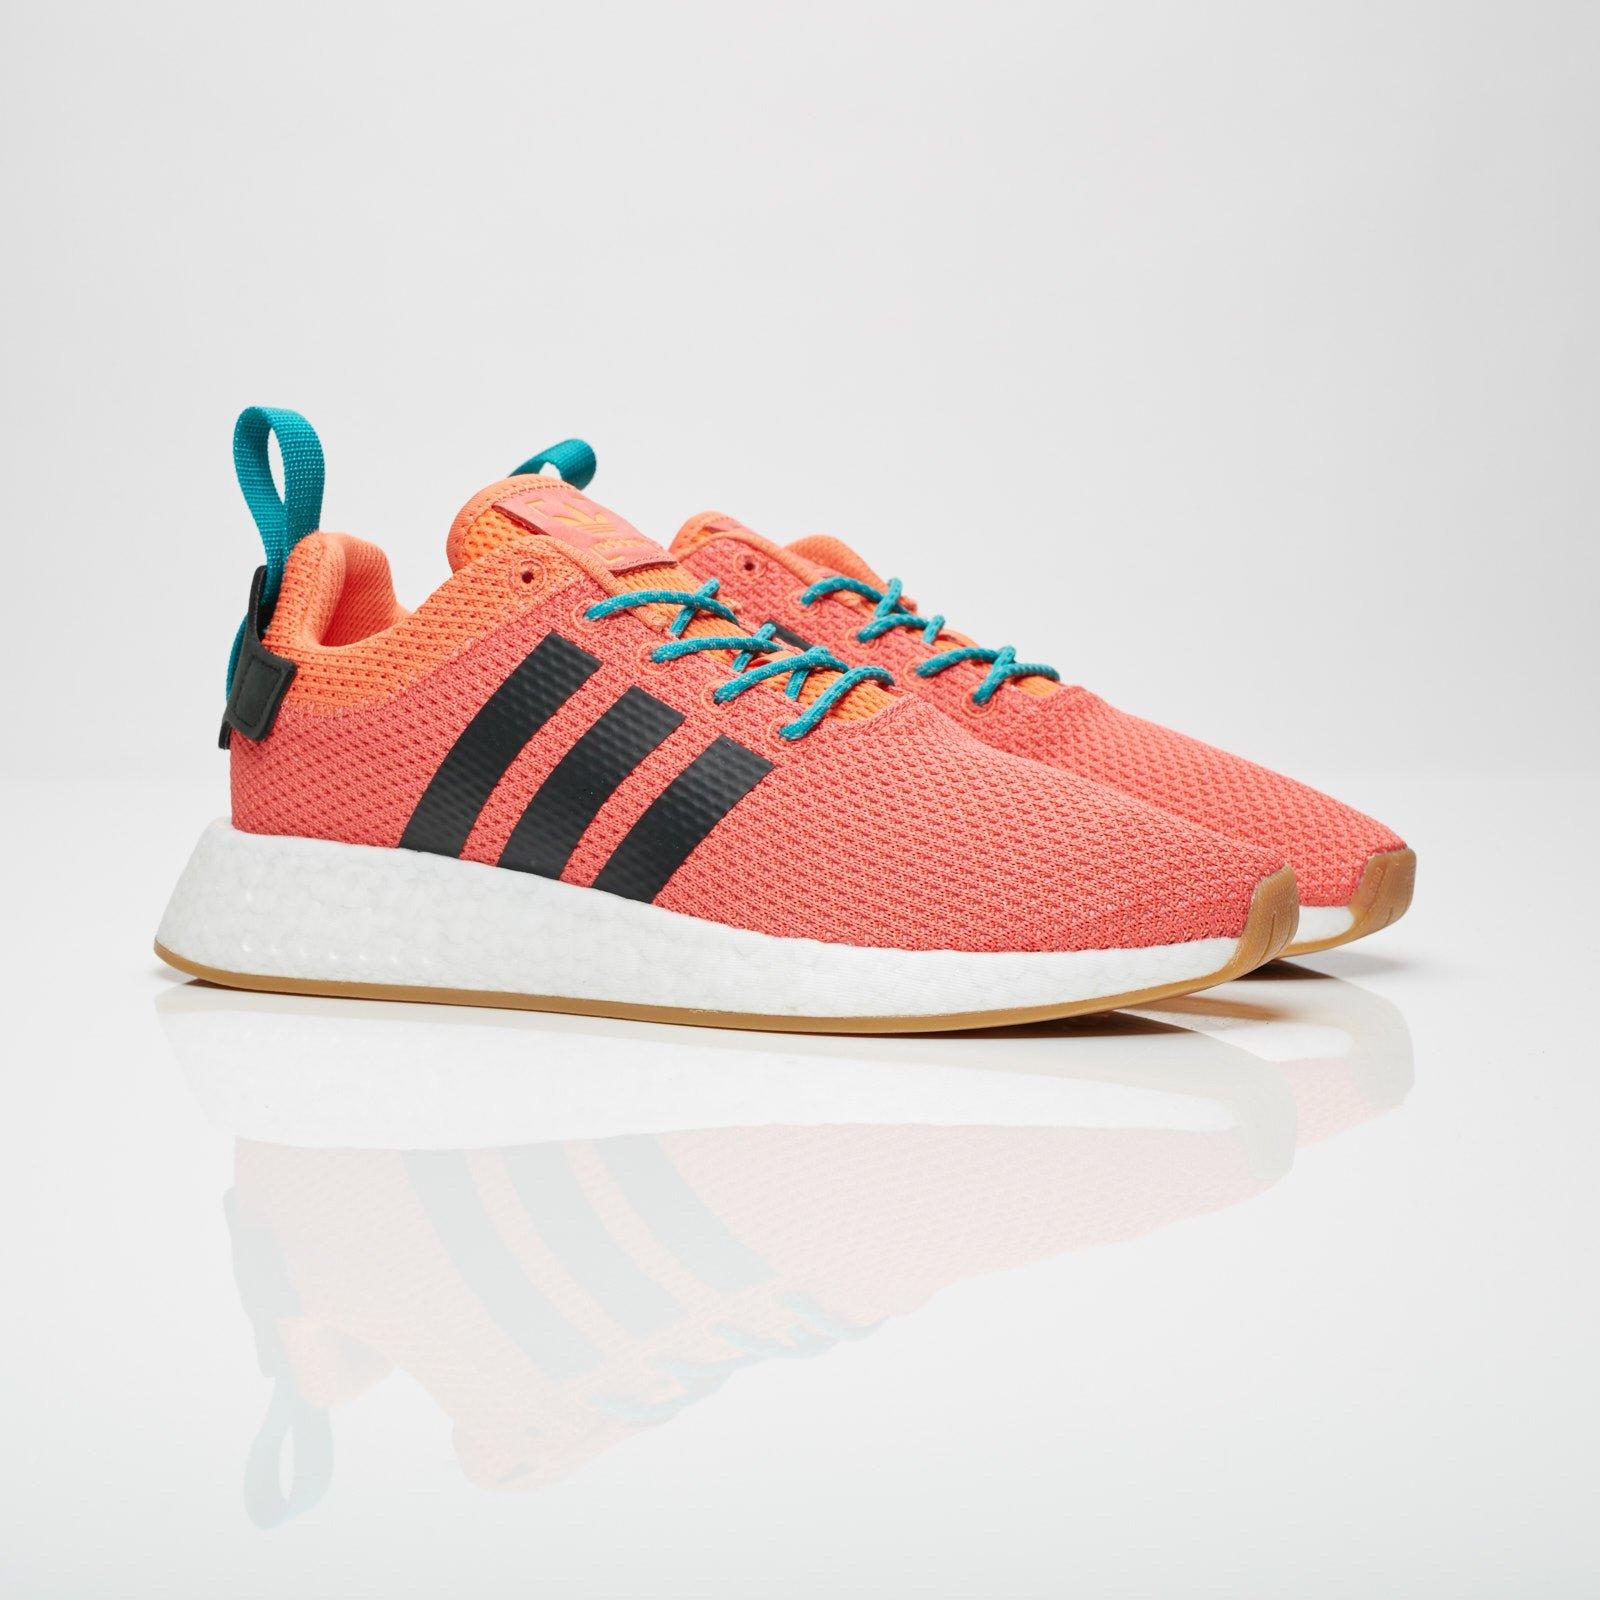 7d4d465d8 adidas NMD R2 Summer - Cq3081 - Sneakersnstuff